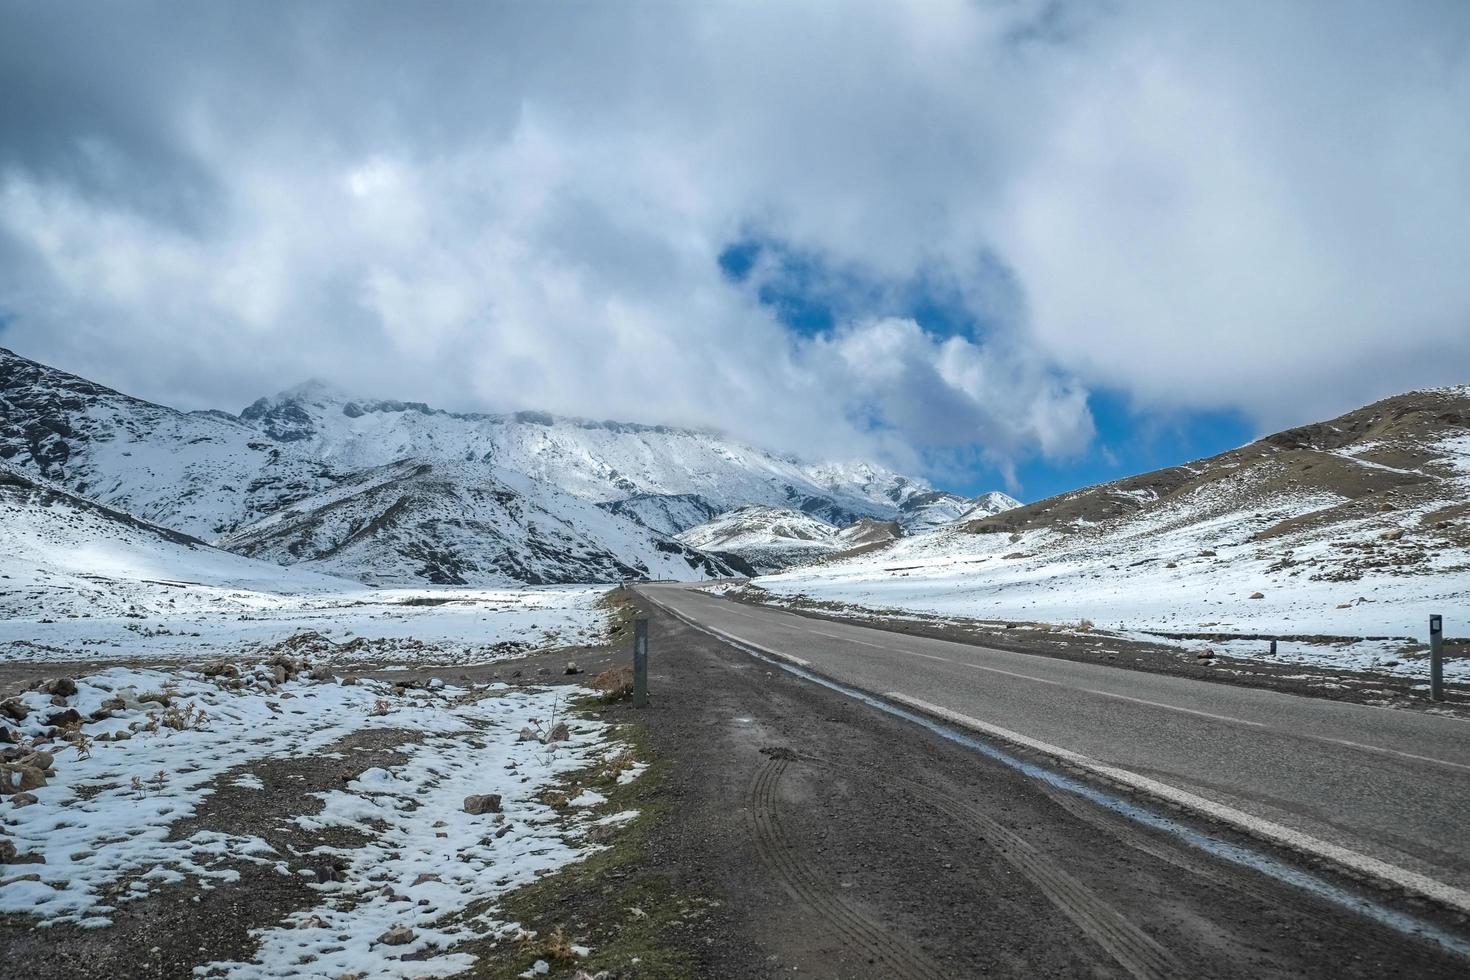 una strada in mezzo alla catena montuosa innevata foto